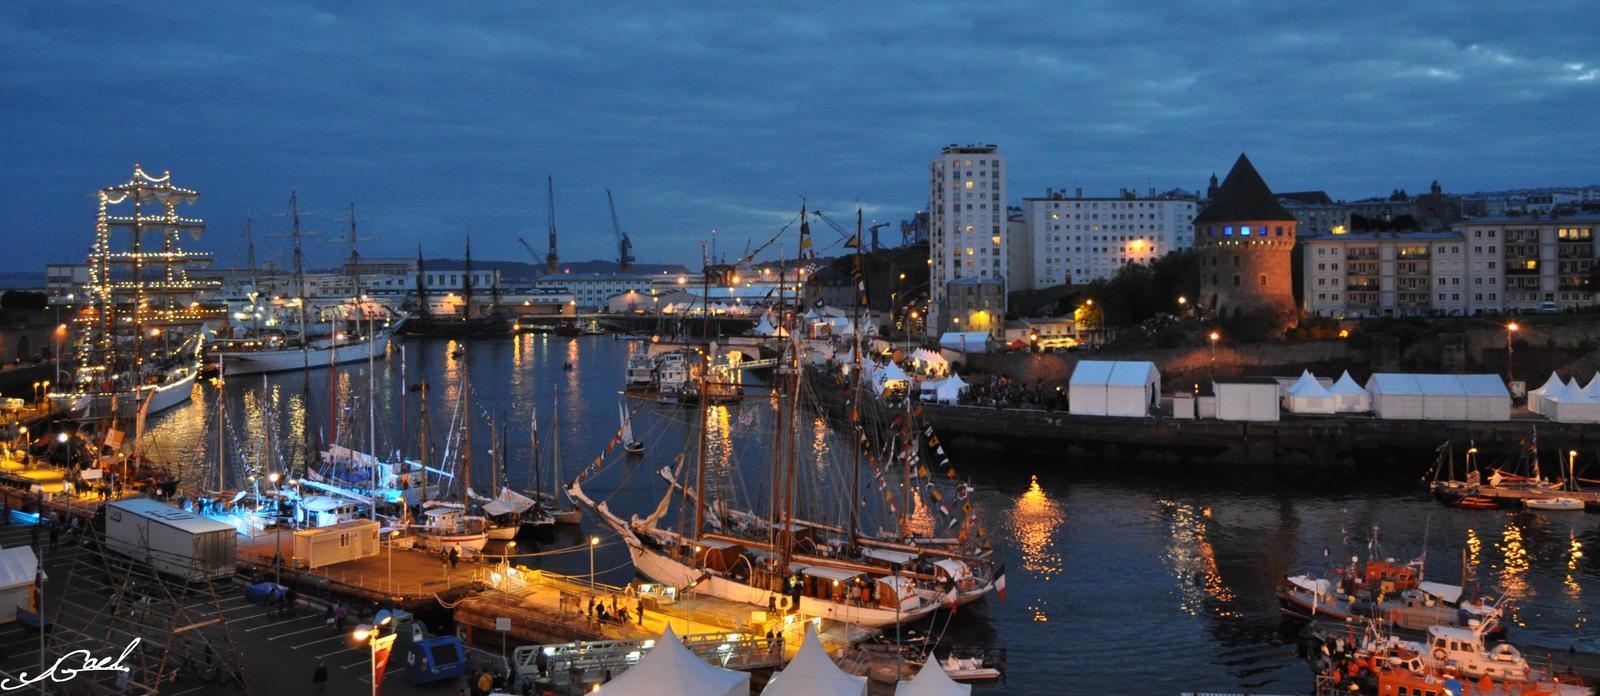 port de brest by bettersweet on deviantart